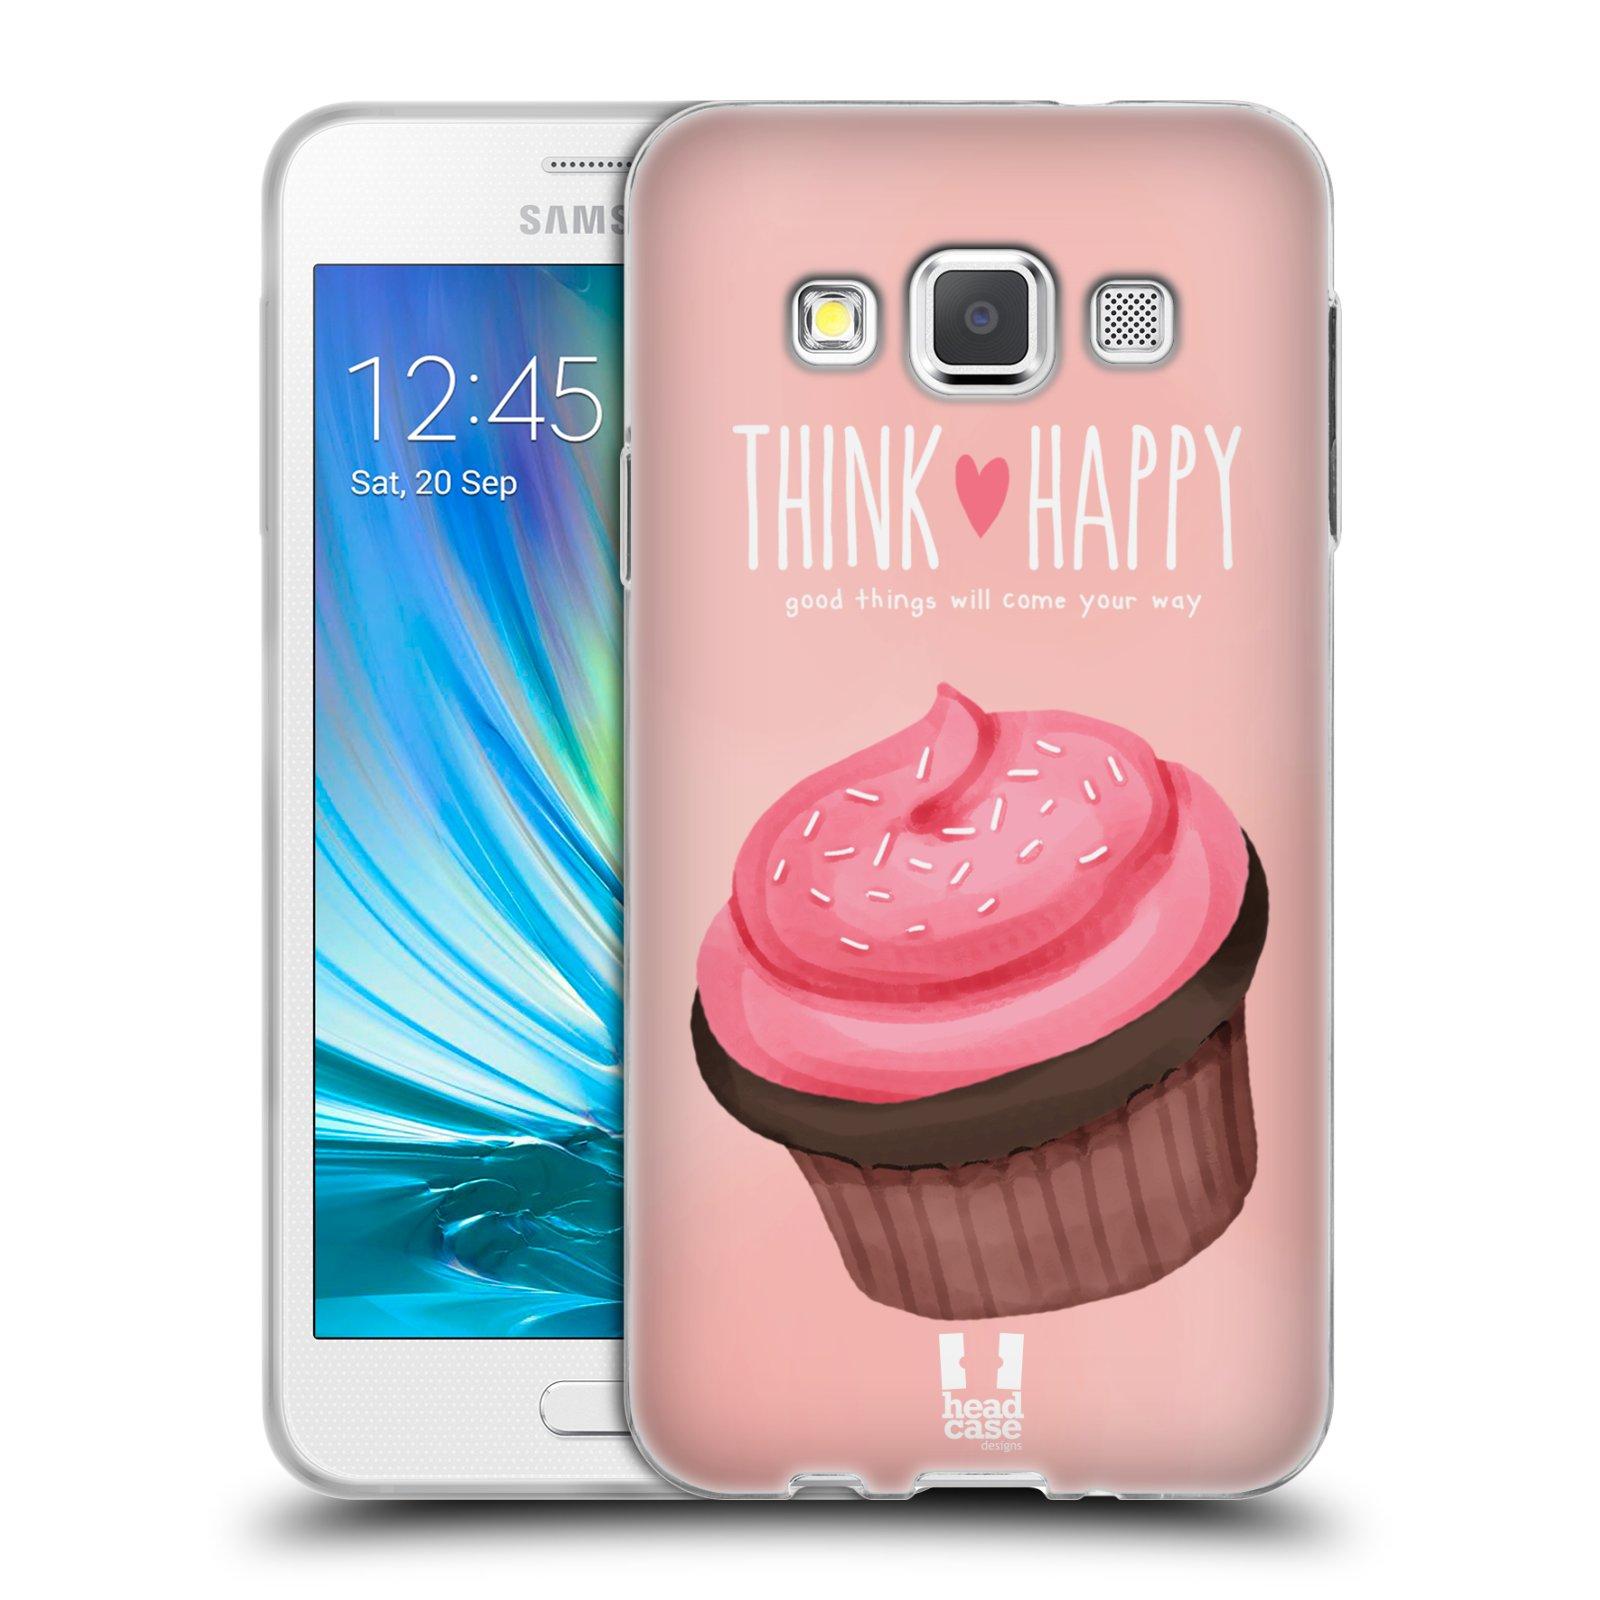 Silikonové pouzdro na mobil Samsung Galaxy A3 HEAD CASE CUPCAKE THINK HAPPY